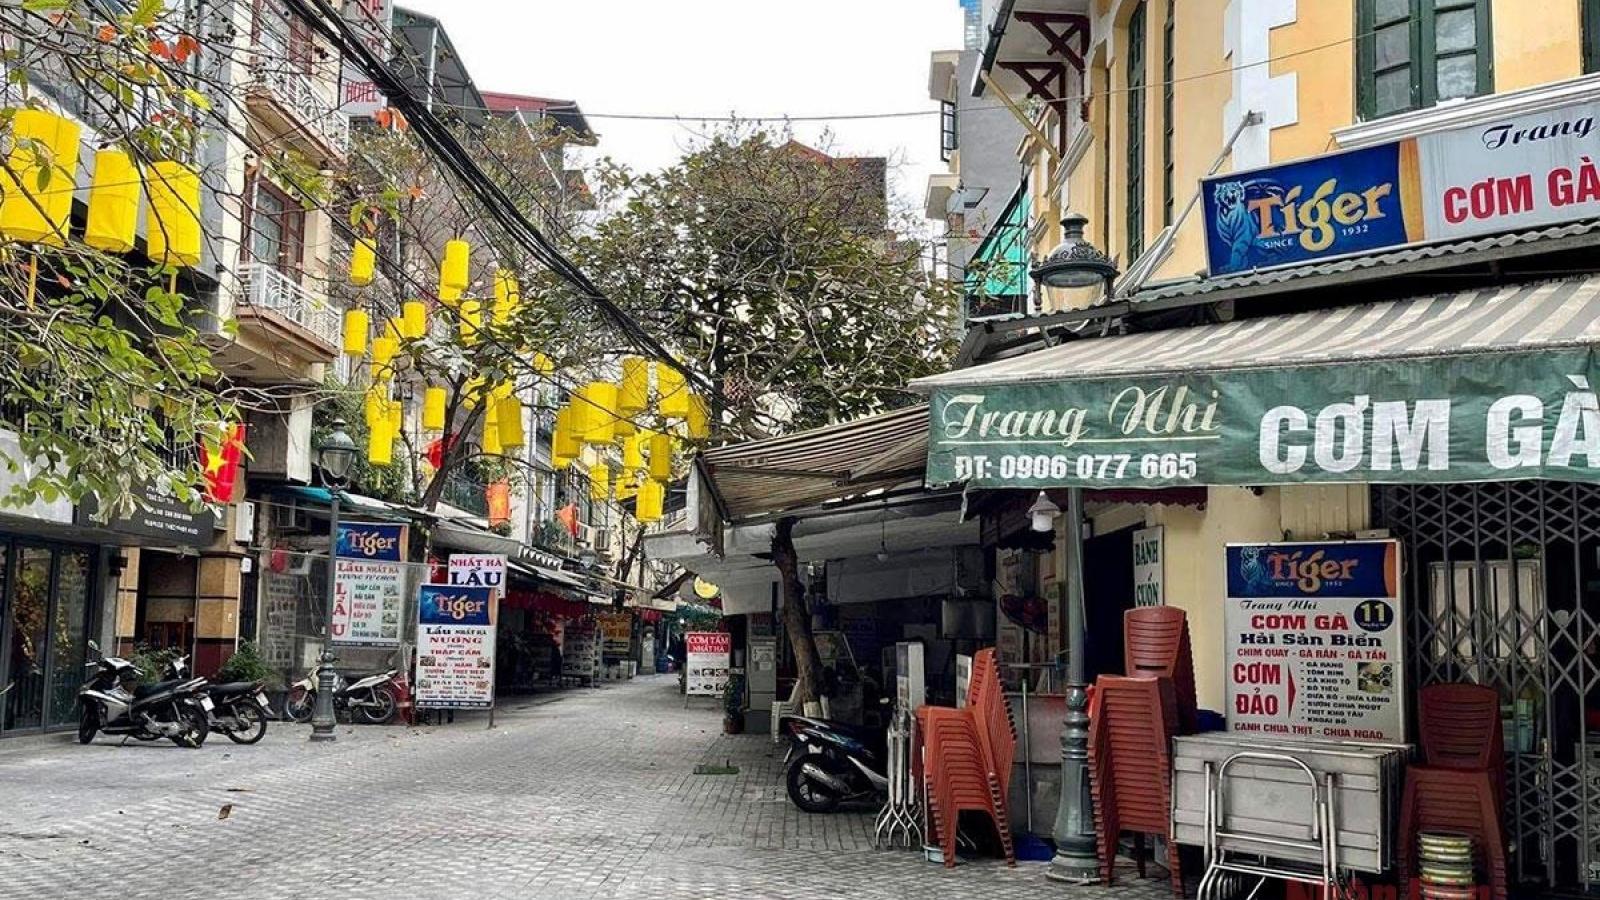 Hàng quán Hà Nội thực hiện nghiêm chỉ đạo chống dịch của thành phố